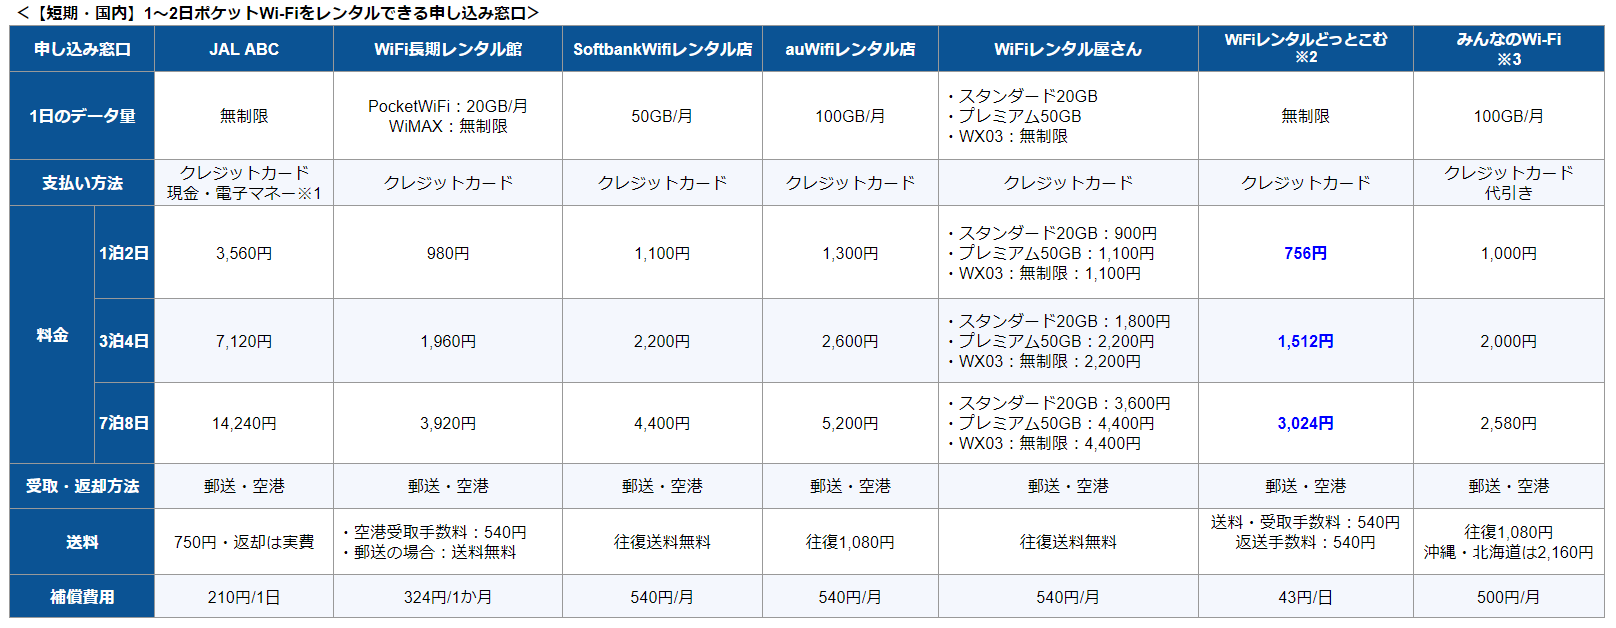 【短期・国内】1~2日ポケットWi-Fiをレンタルできる申込窓口比較